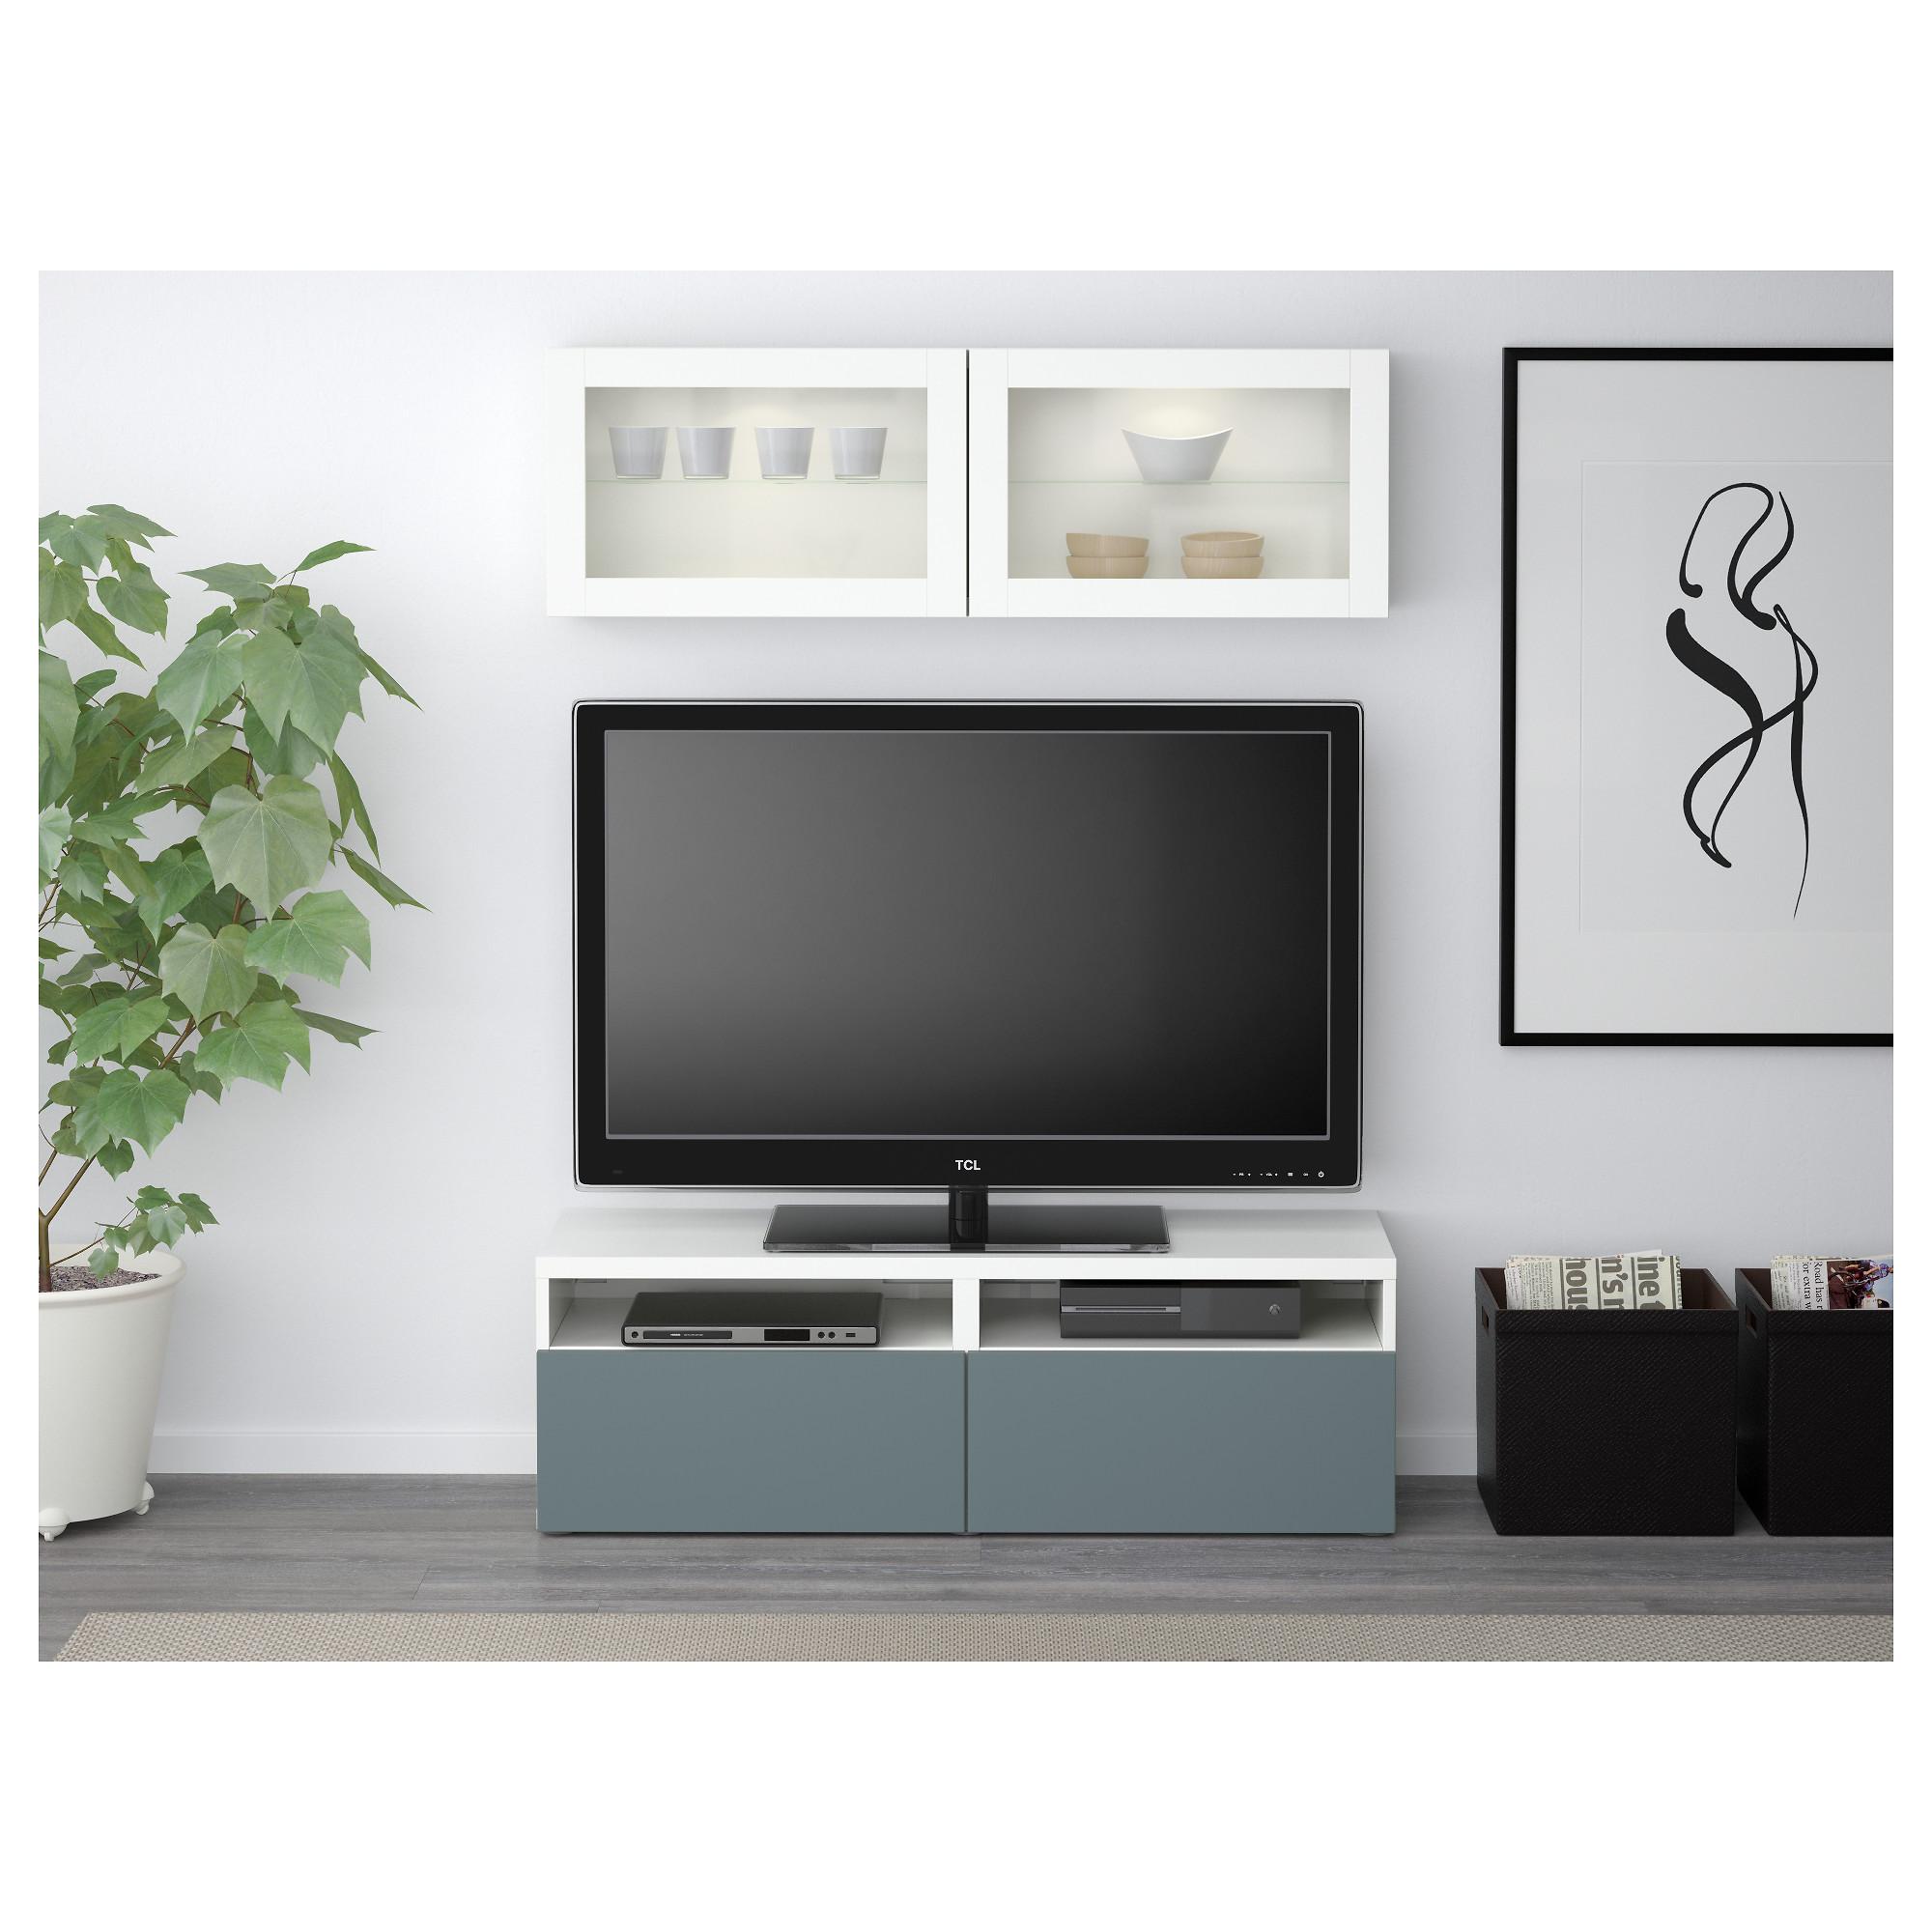 Шкаф для ТВ, комбинированный, стекляные дверцы БЕСТО белый артикуль № 092.504.95 в наличии. Интернет магазин IKEA Республика Беларусь. Быстрая доставка и установка.